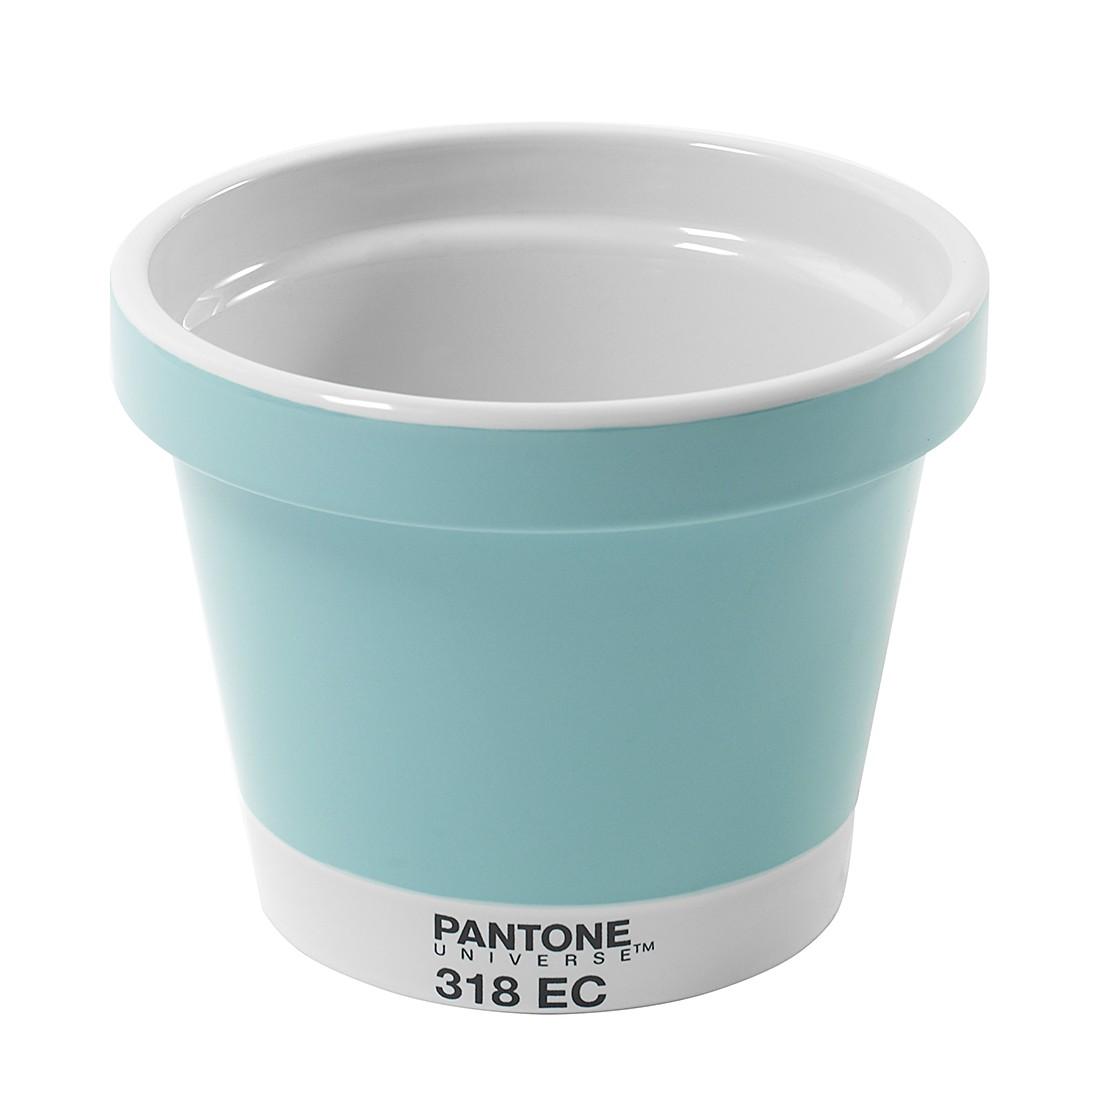 Blumentopf Pantone III – Hellblau, Pantone günstig bestellen